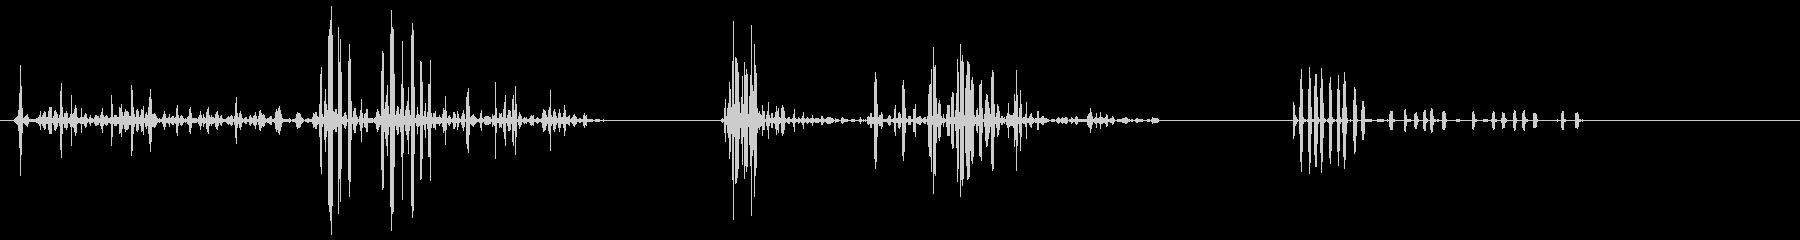 猿、チンパンジーの喘ぎ、Xボーカルの未再生の波形